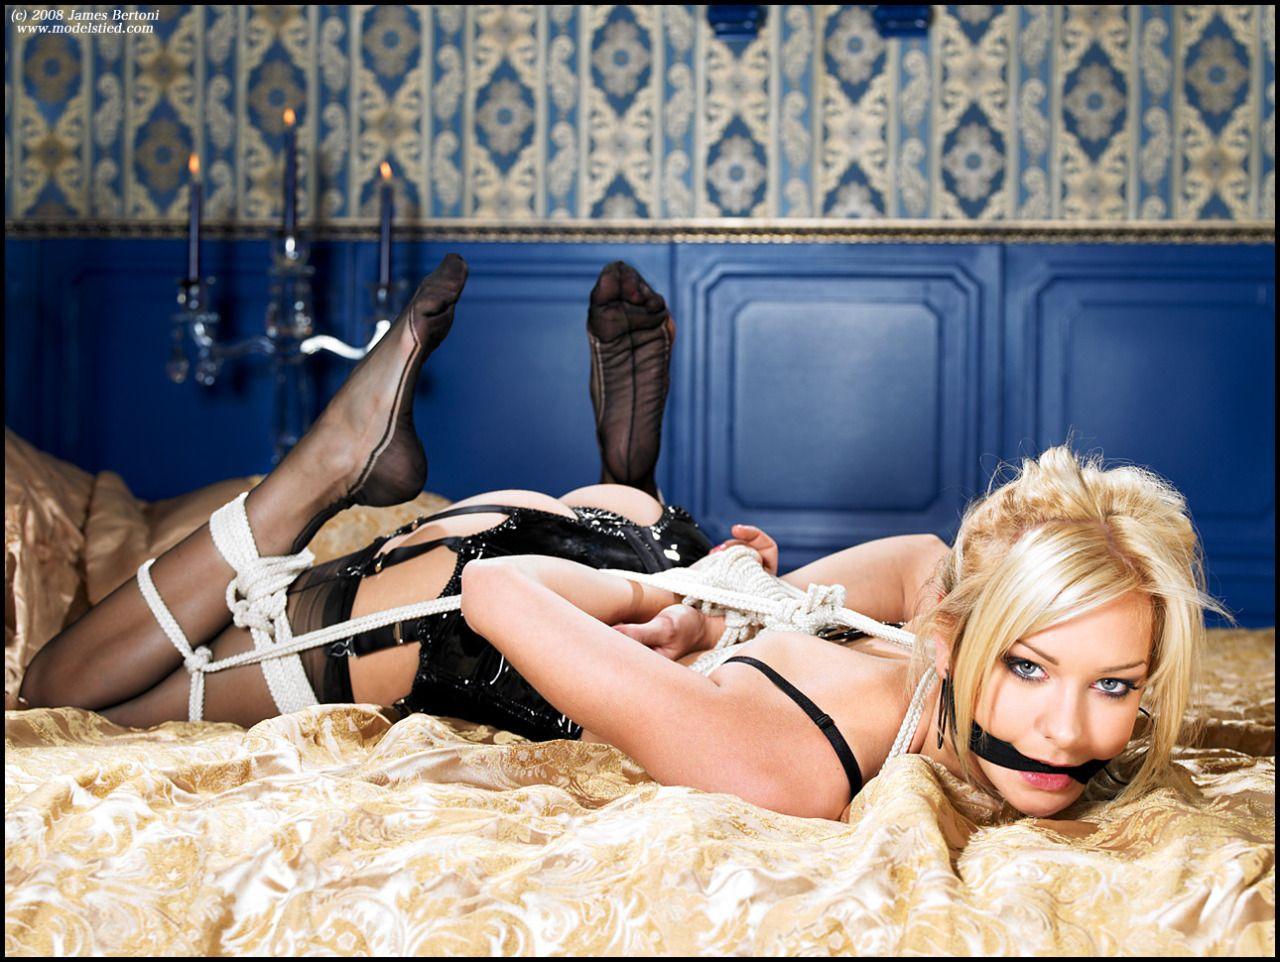 frække nøgenbilleder slave søges gratis homo chat